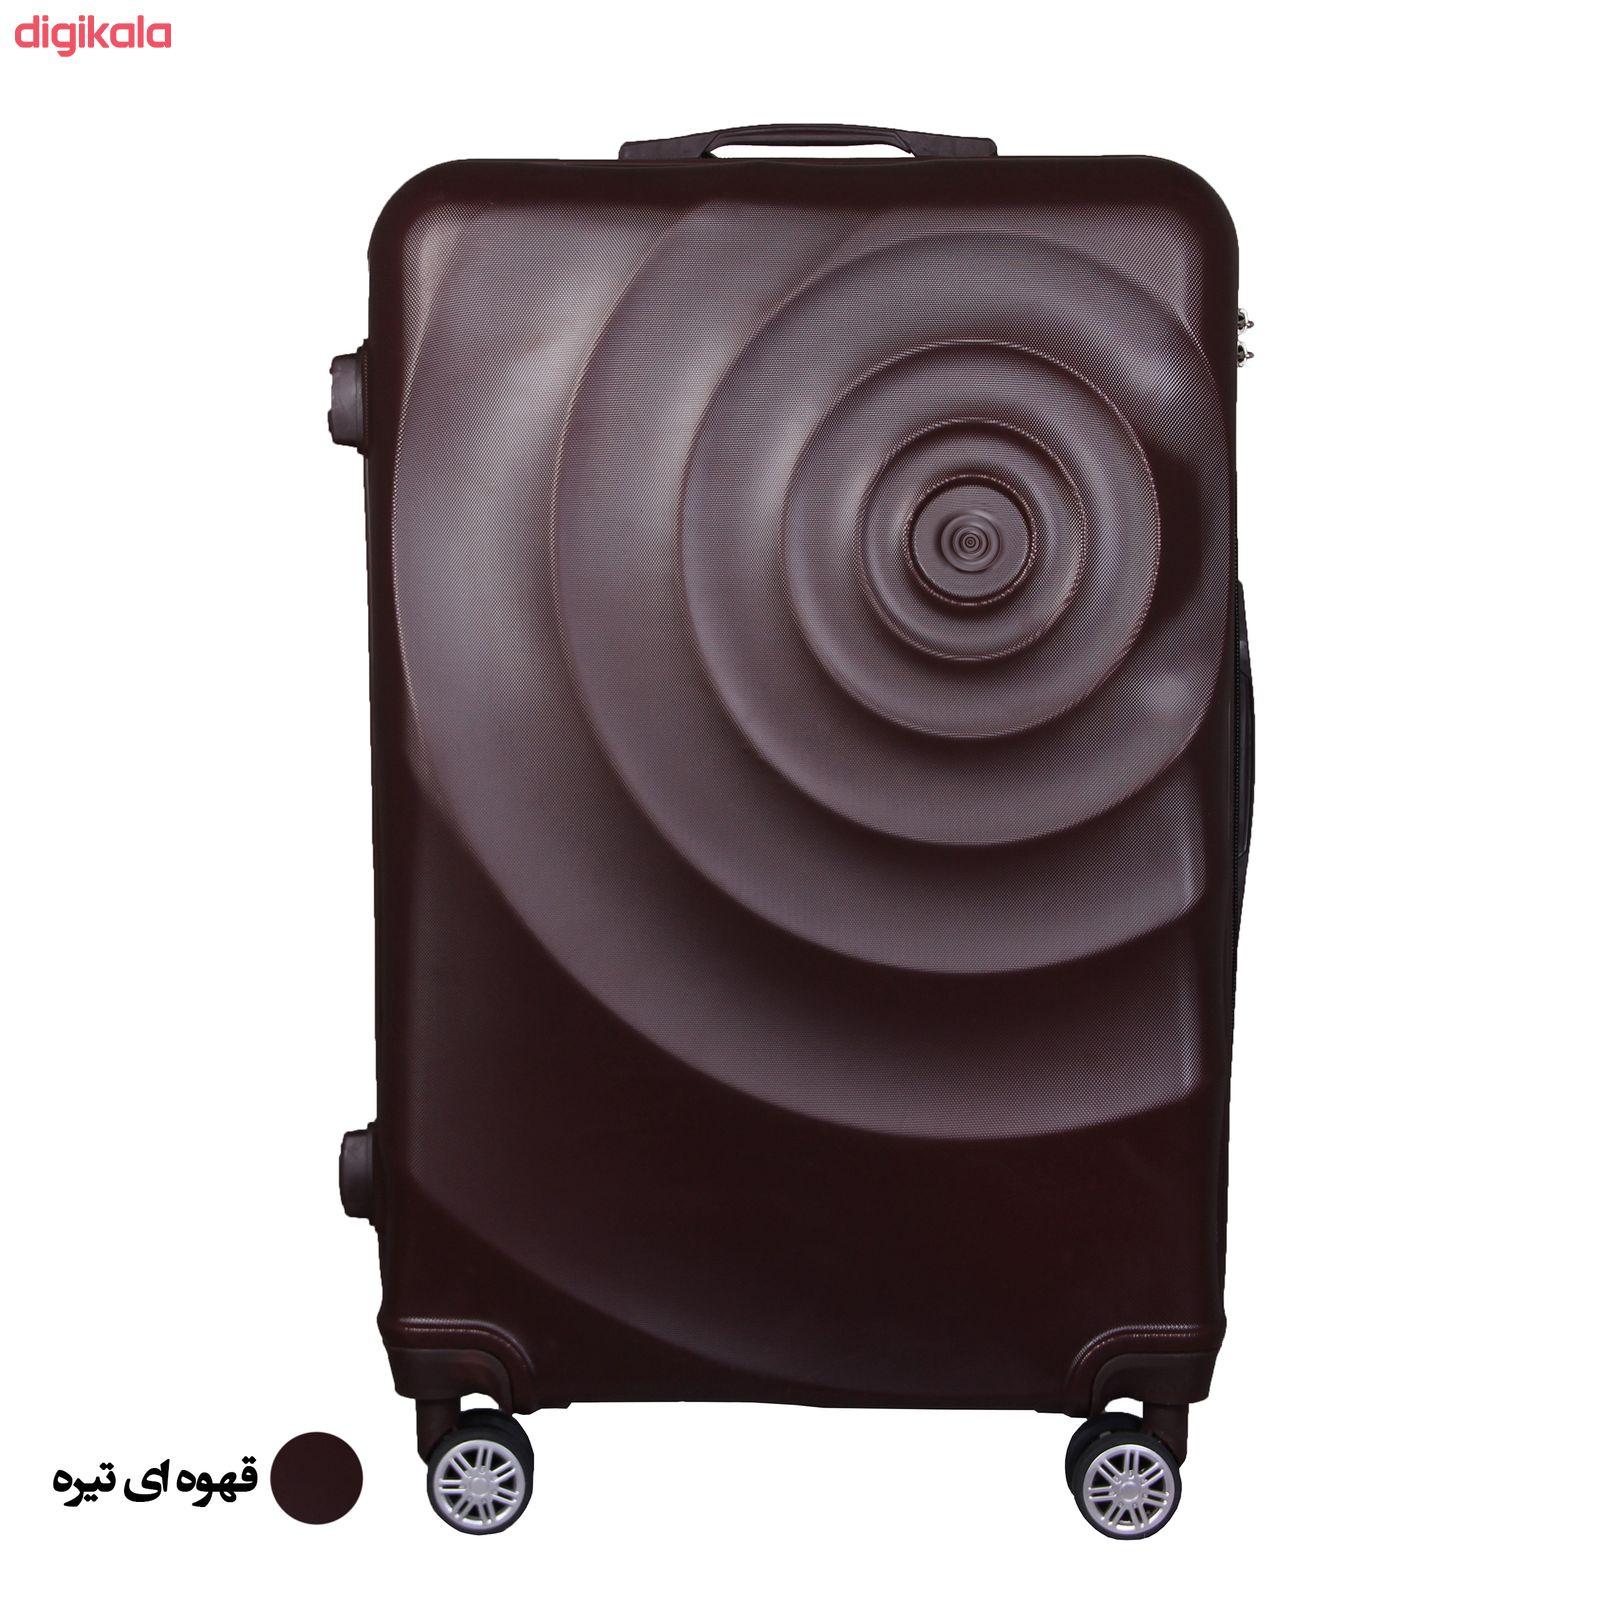 مجموعه چهار عددی چمدان مدل 319363 main 1 35